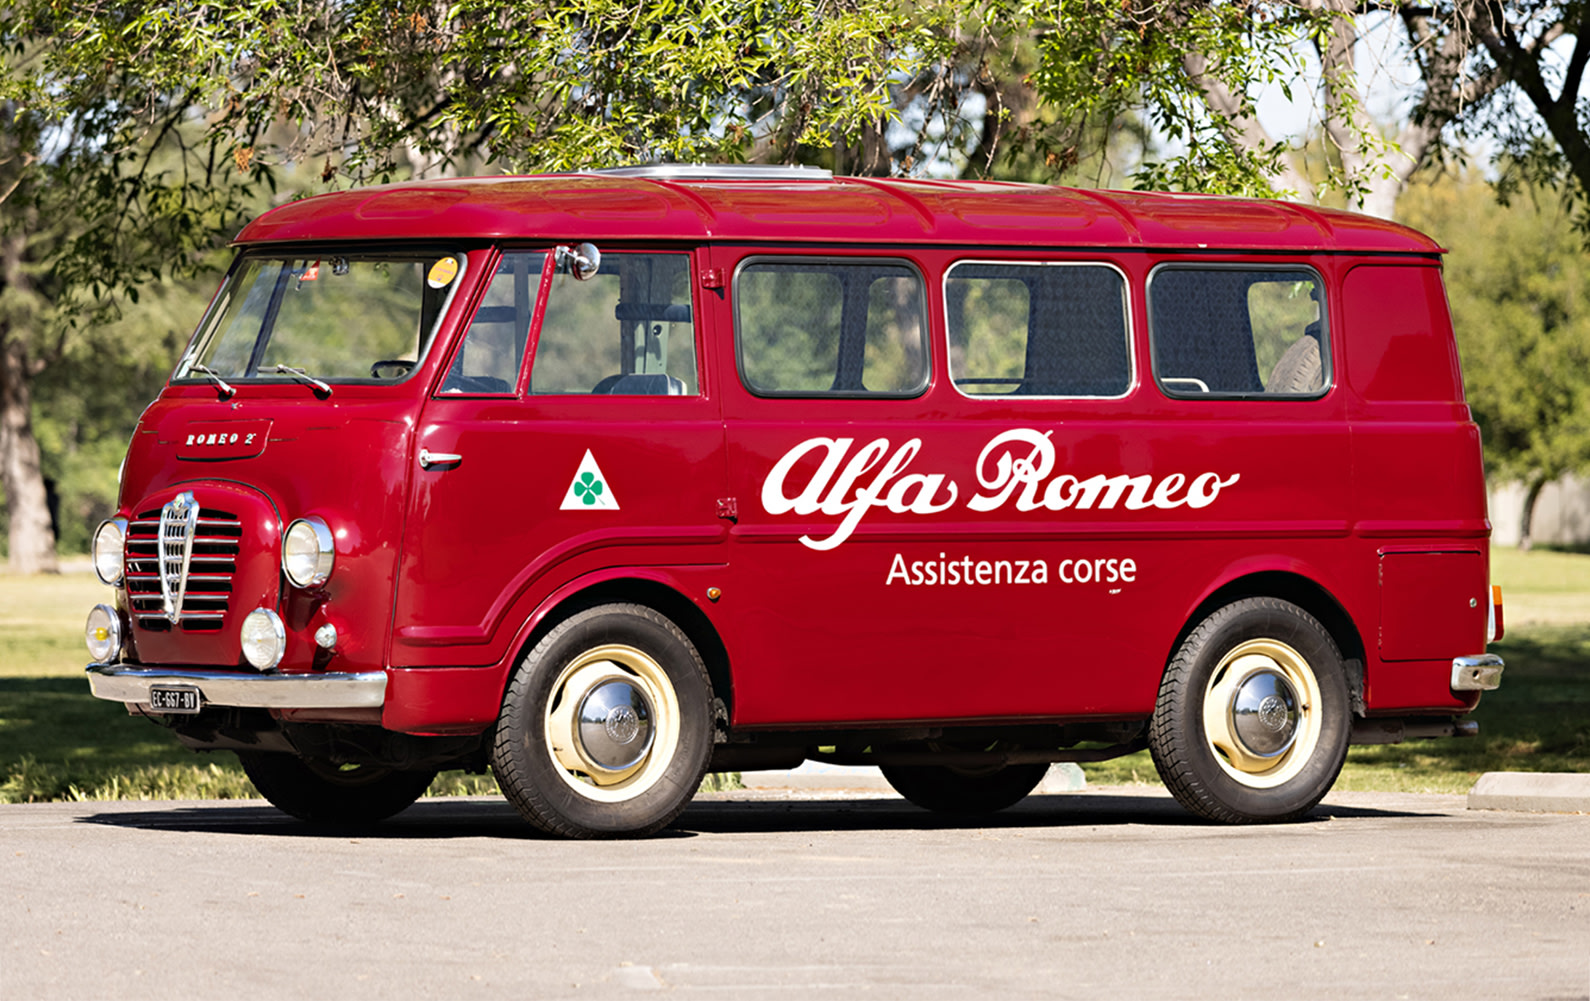 Prod/O21F - May 2021/1504_1961 Alfa Romeo Romeo 2 Autotutto Minibus/1961_Alfa_Romeo_Romeo_2_Autotutto_Minibus_4_rwu8e7